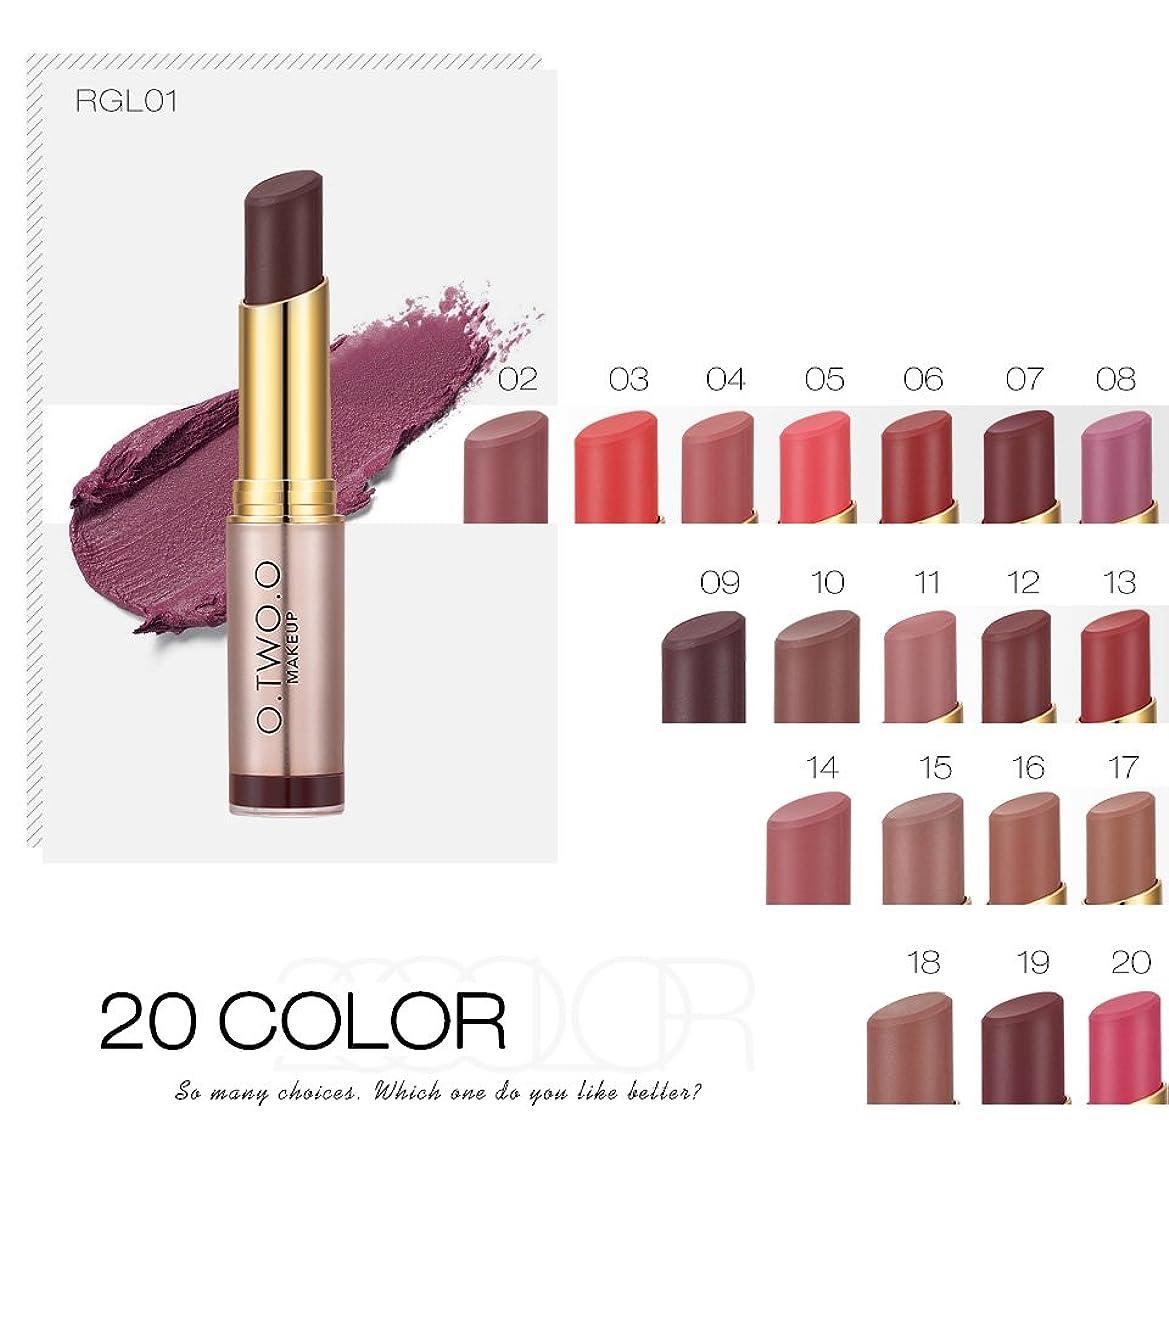 ファイバ塩辛い学ぶ(RGL12) Brand Wholesale Beauty Makeup Lipstick Popular Colors Best Seller Long Lasting Lip Kit Matte Lip Cosmetics